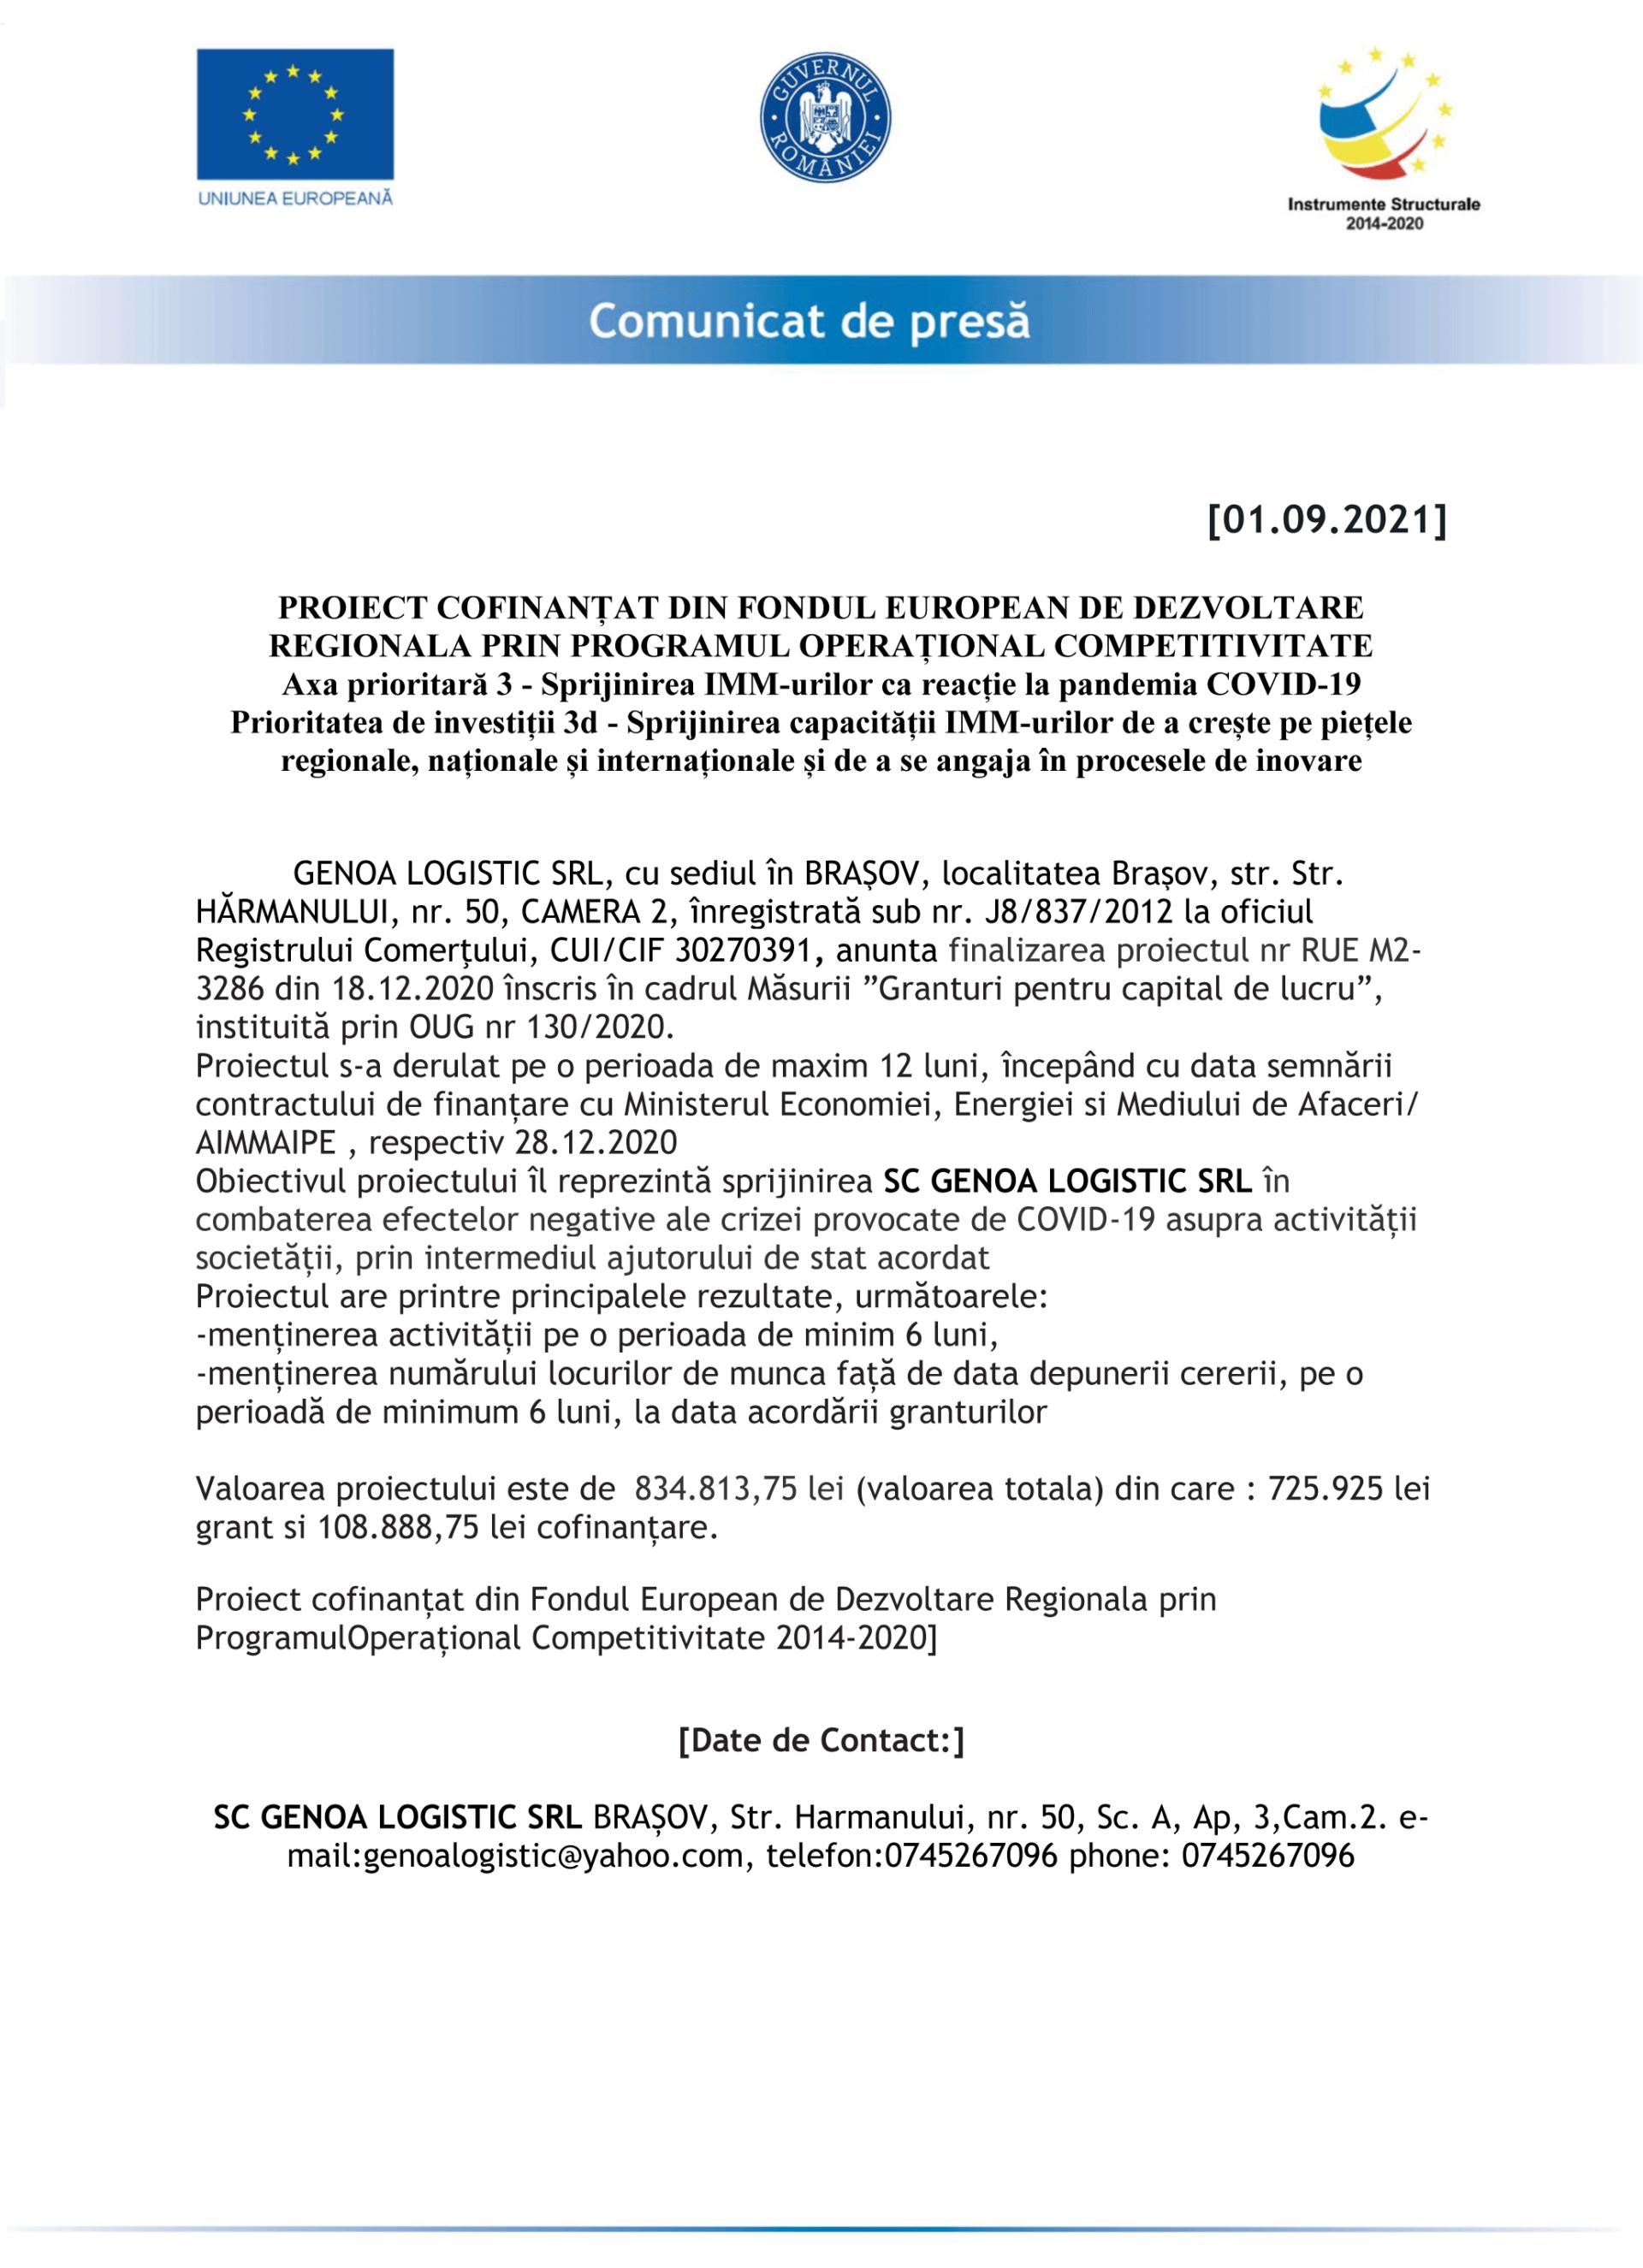 MODEL-Comunicat_de_Presa_GENOA-LOGISTIC-SRL